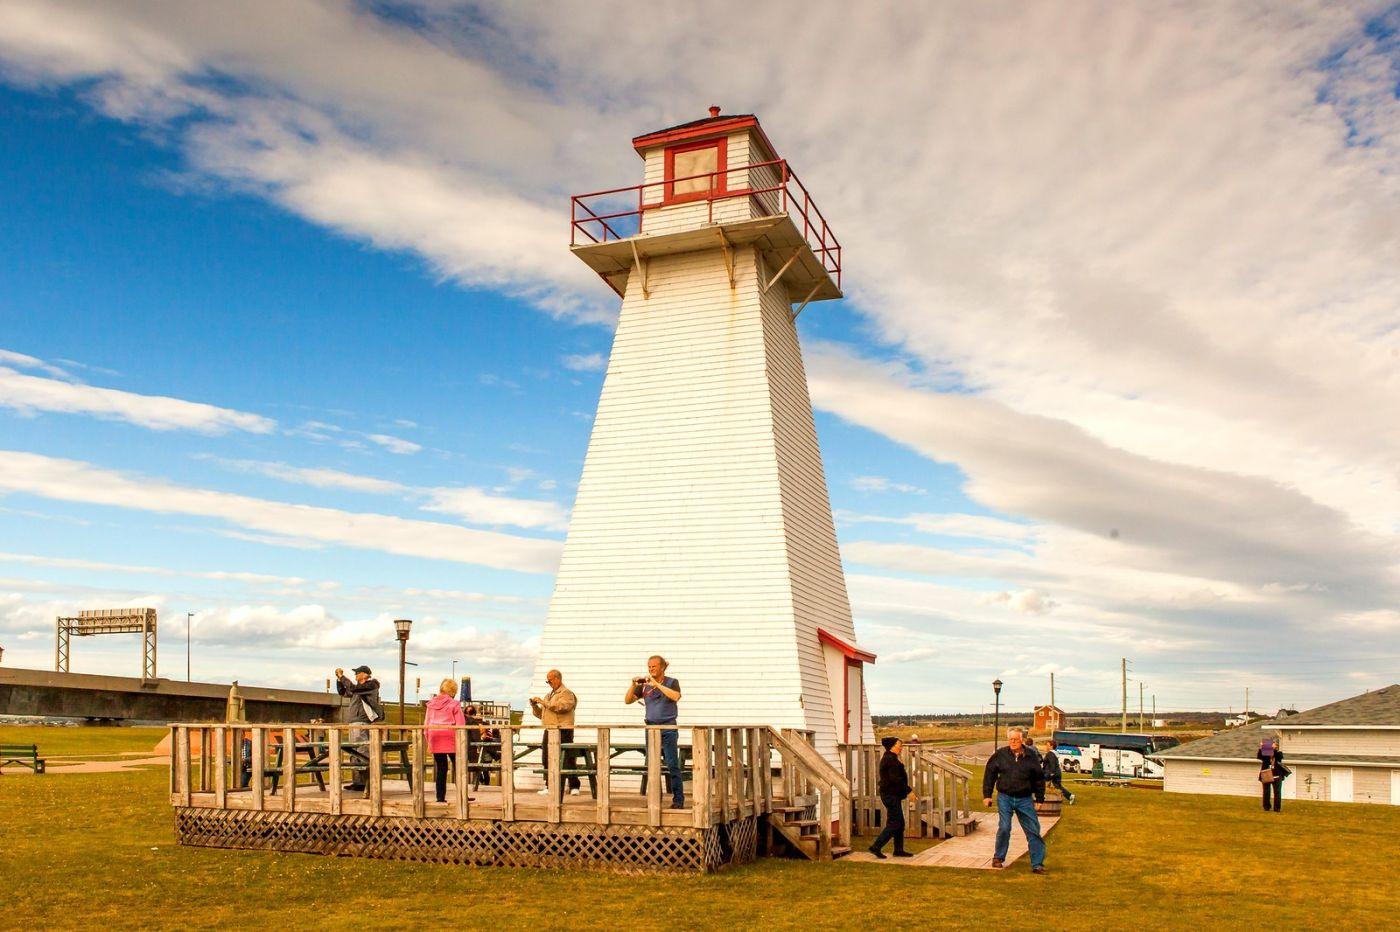 加拿大风景,长桥和灯塔_图1-14